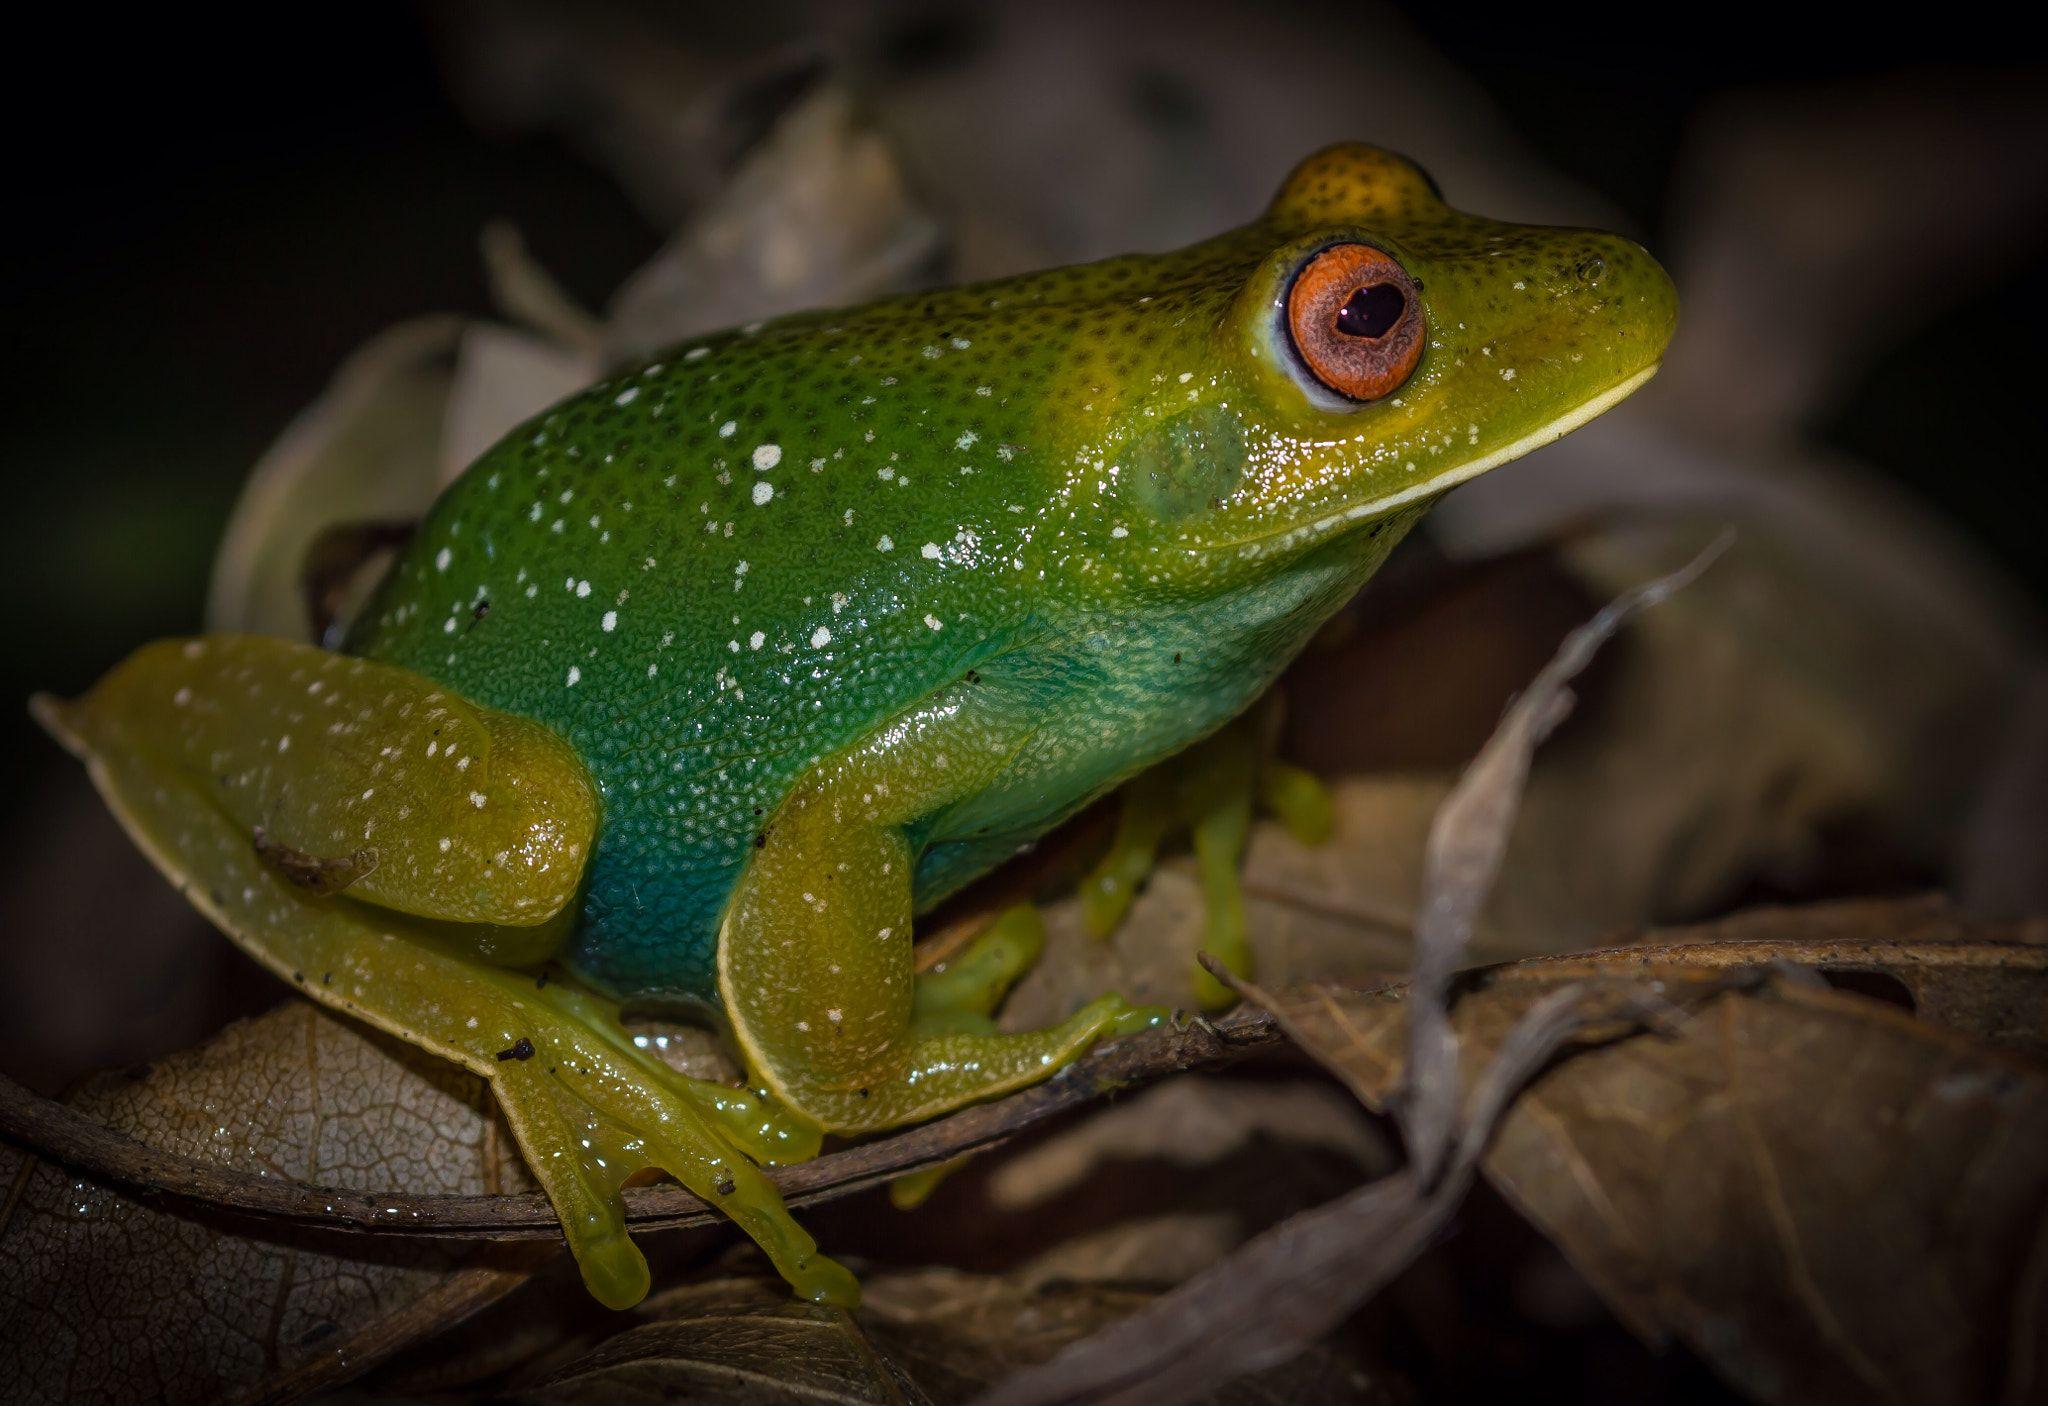 Muppet Frog - Atlantic Forest Frog